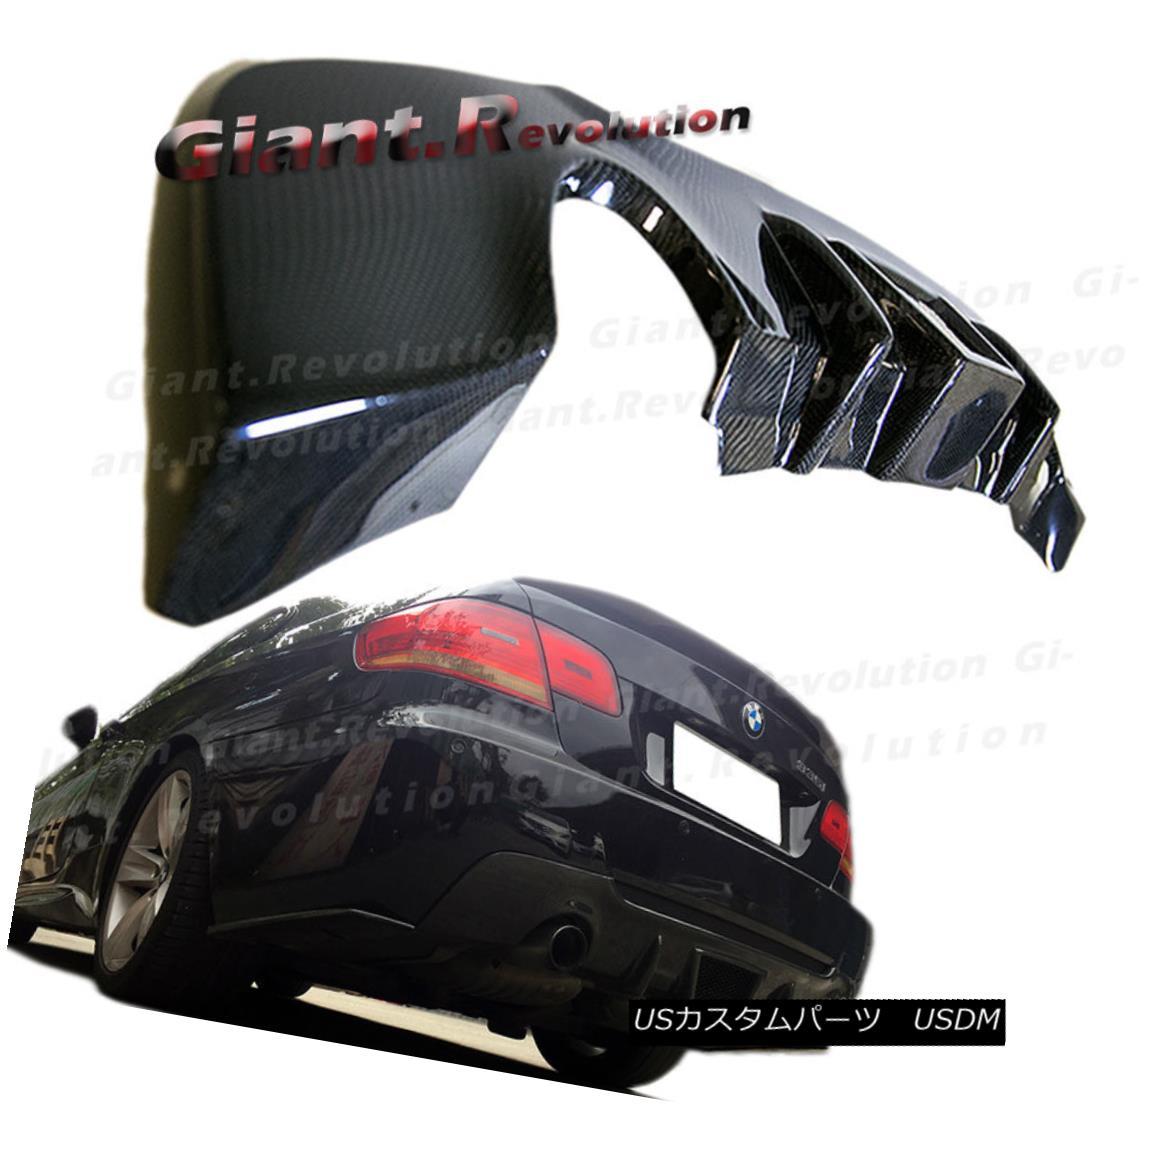 エアロパーツ TMS Look Carbon Fiber Replace Rear Diffuser Fit BMW 07-13 E92 E93 M-Sport Bumper TMSルックカーボンファイバーリヤディフューザーフィットBMW 07-13 E92 E93 M-スポーツバンパー